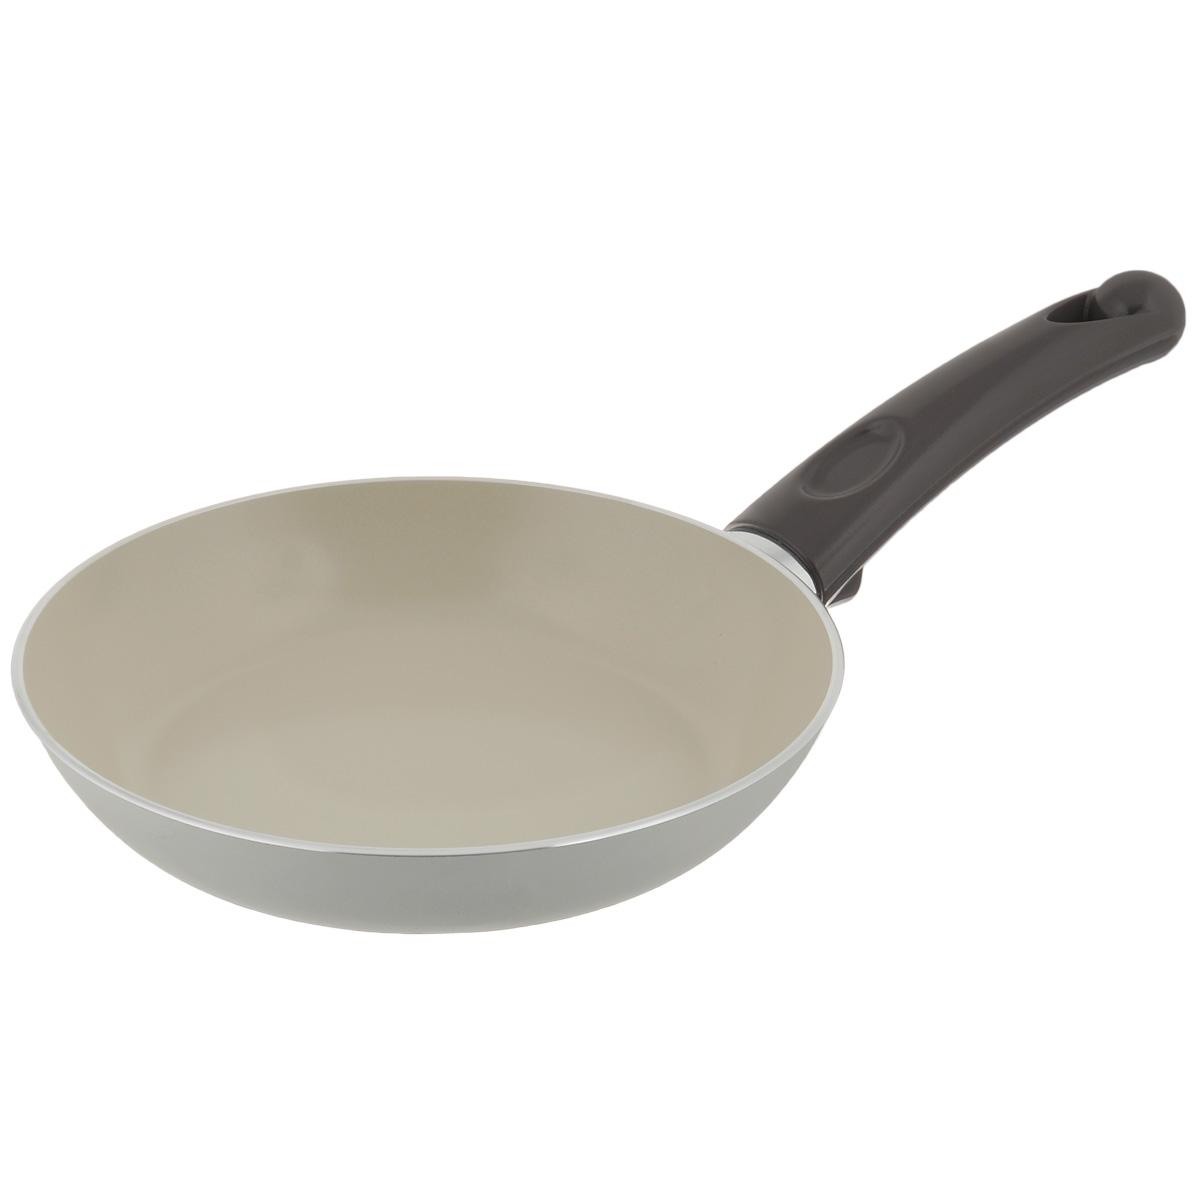 Сковорода TVS Bianca, с антипригарным покрытием, цвет: молочный. Диаметр 20 см4L104202916201Сковорода TVS Bianca выполнена из алюминия с внешним эмалированным покрытием молочного цвета и обладает превосходной теплопроводностью. Идеально подходит для жарки и тушения небольших порций блюд. Внутреннее антипригарное керамическое покрытие Ceramit позволяет готовить пищу с минимальным количеством масла. Эргономичная ручка, изготовленная из бакелита, имеет плавные формы, которые подчеркивают стиль сковороды. Сковорода TVS Bianca изготовлена из экологичных материалов, что делает ее пригодной для приготовления пищи детям. Подходит для всех видов плит, кроме индукционных. Можно мыть в посудомоечной машине. Коллекция посуды Bianca - серия кухонной посуды с керамическим покрытием Ceramit. Отличается своей экологичностью и непревзойденной непористой гладкой антипригарной поверхностью молочного цвета. Компания TVS была основана в 1968 году. Основными принципами, которых придерживается компания, являются экологическая безопасность...